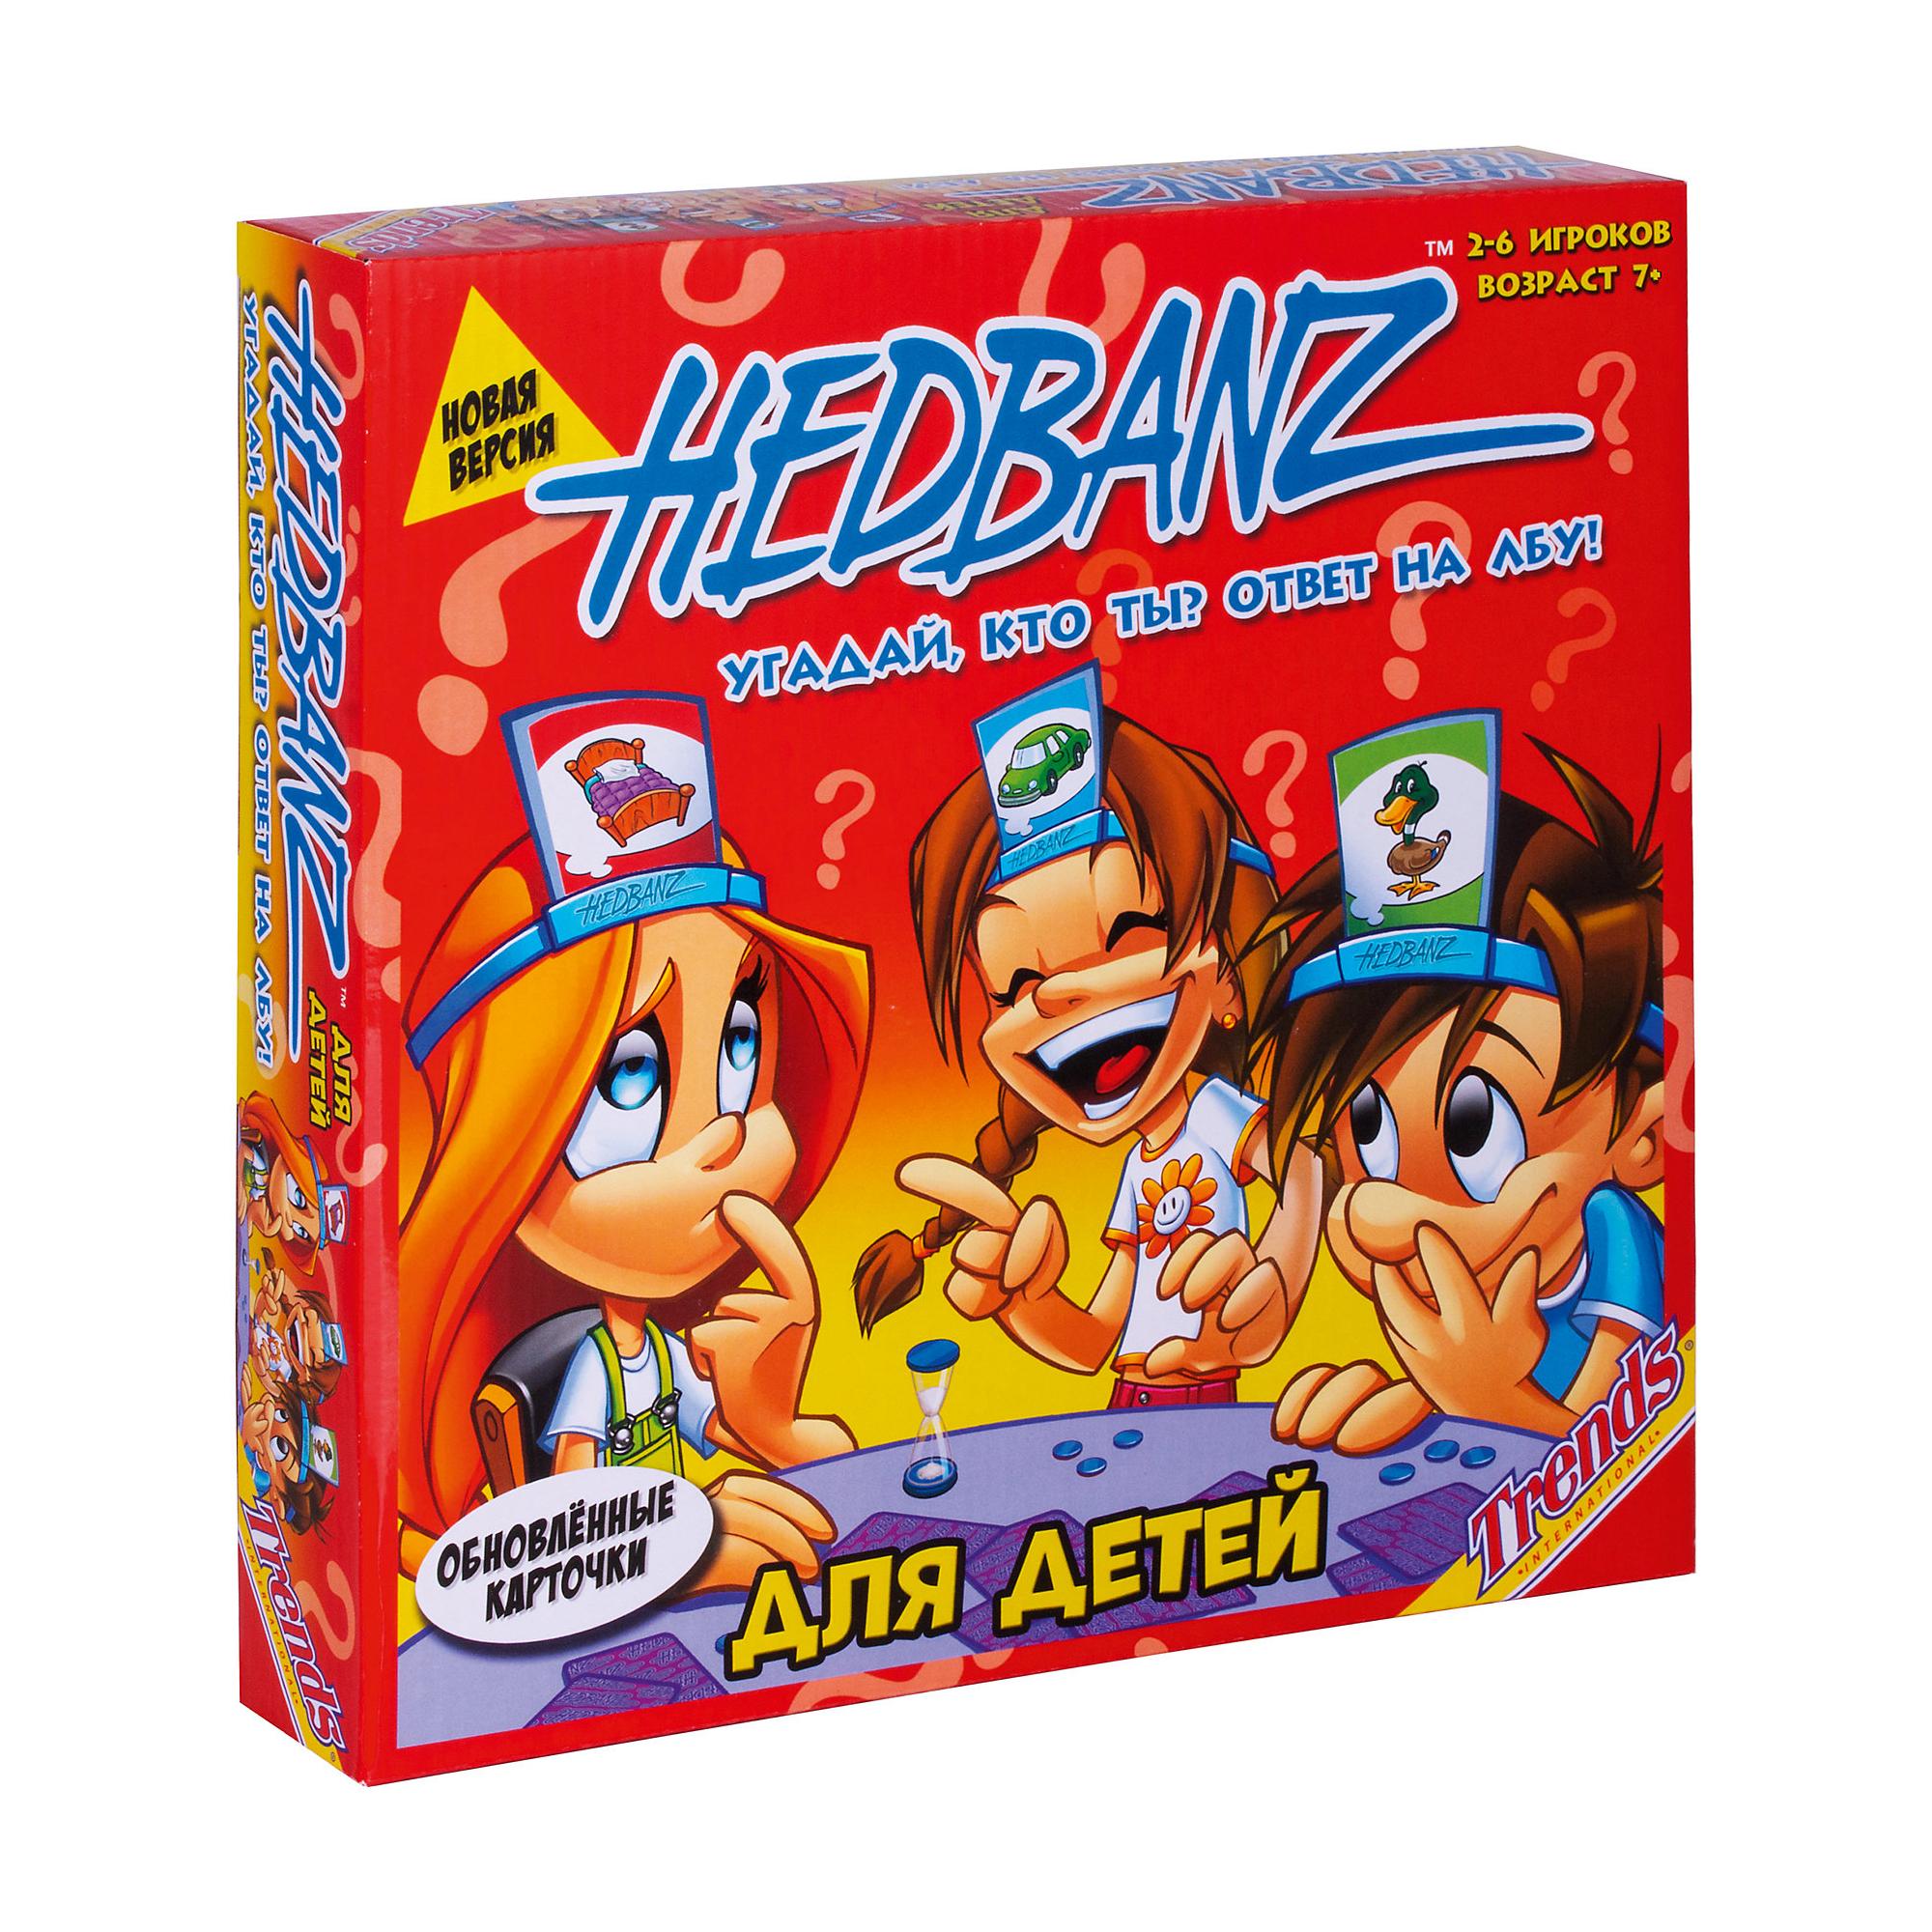 Настольная игра Trends Hedbanz Угадай, кто ты? настольная игра trends мой первый hedbanz